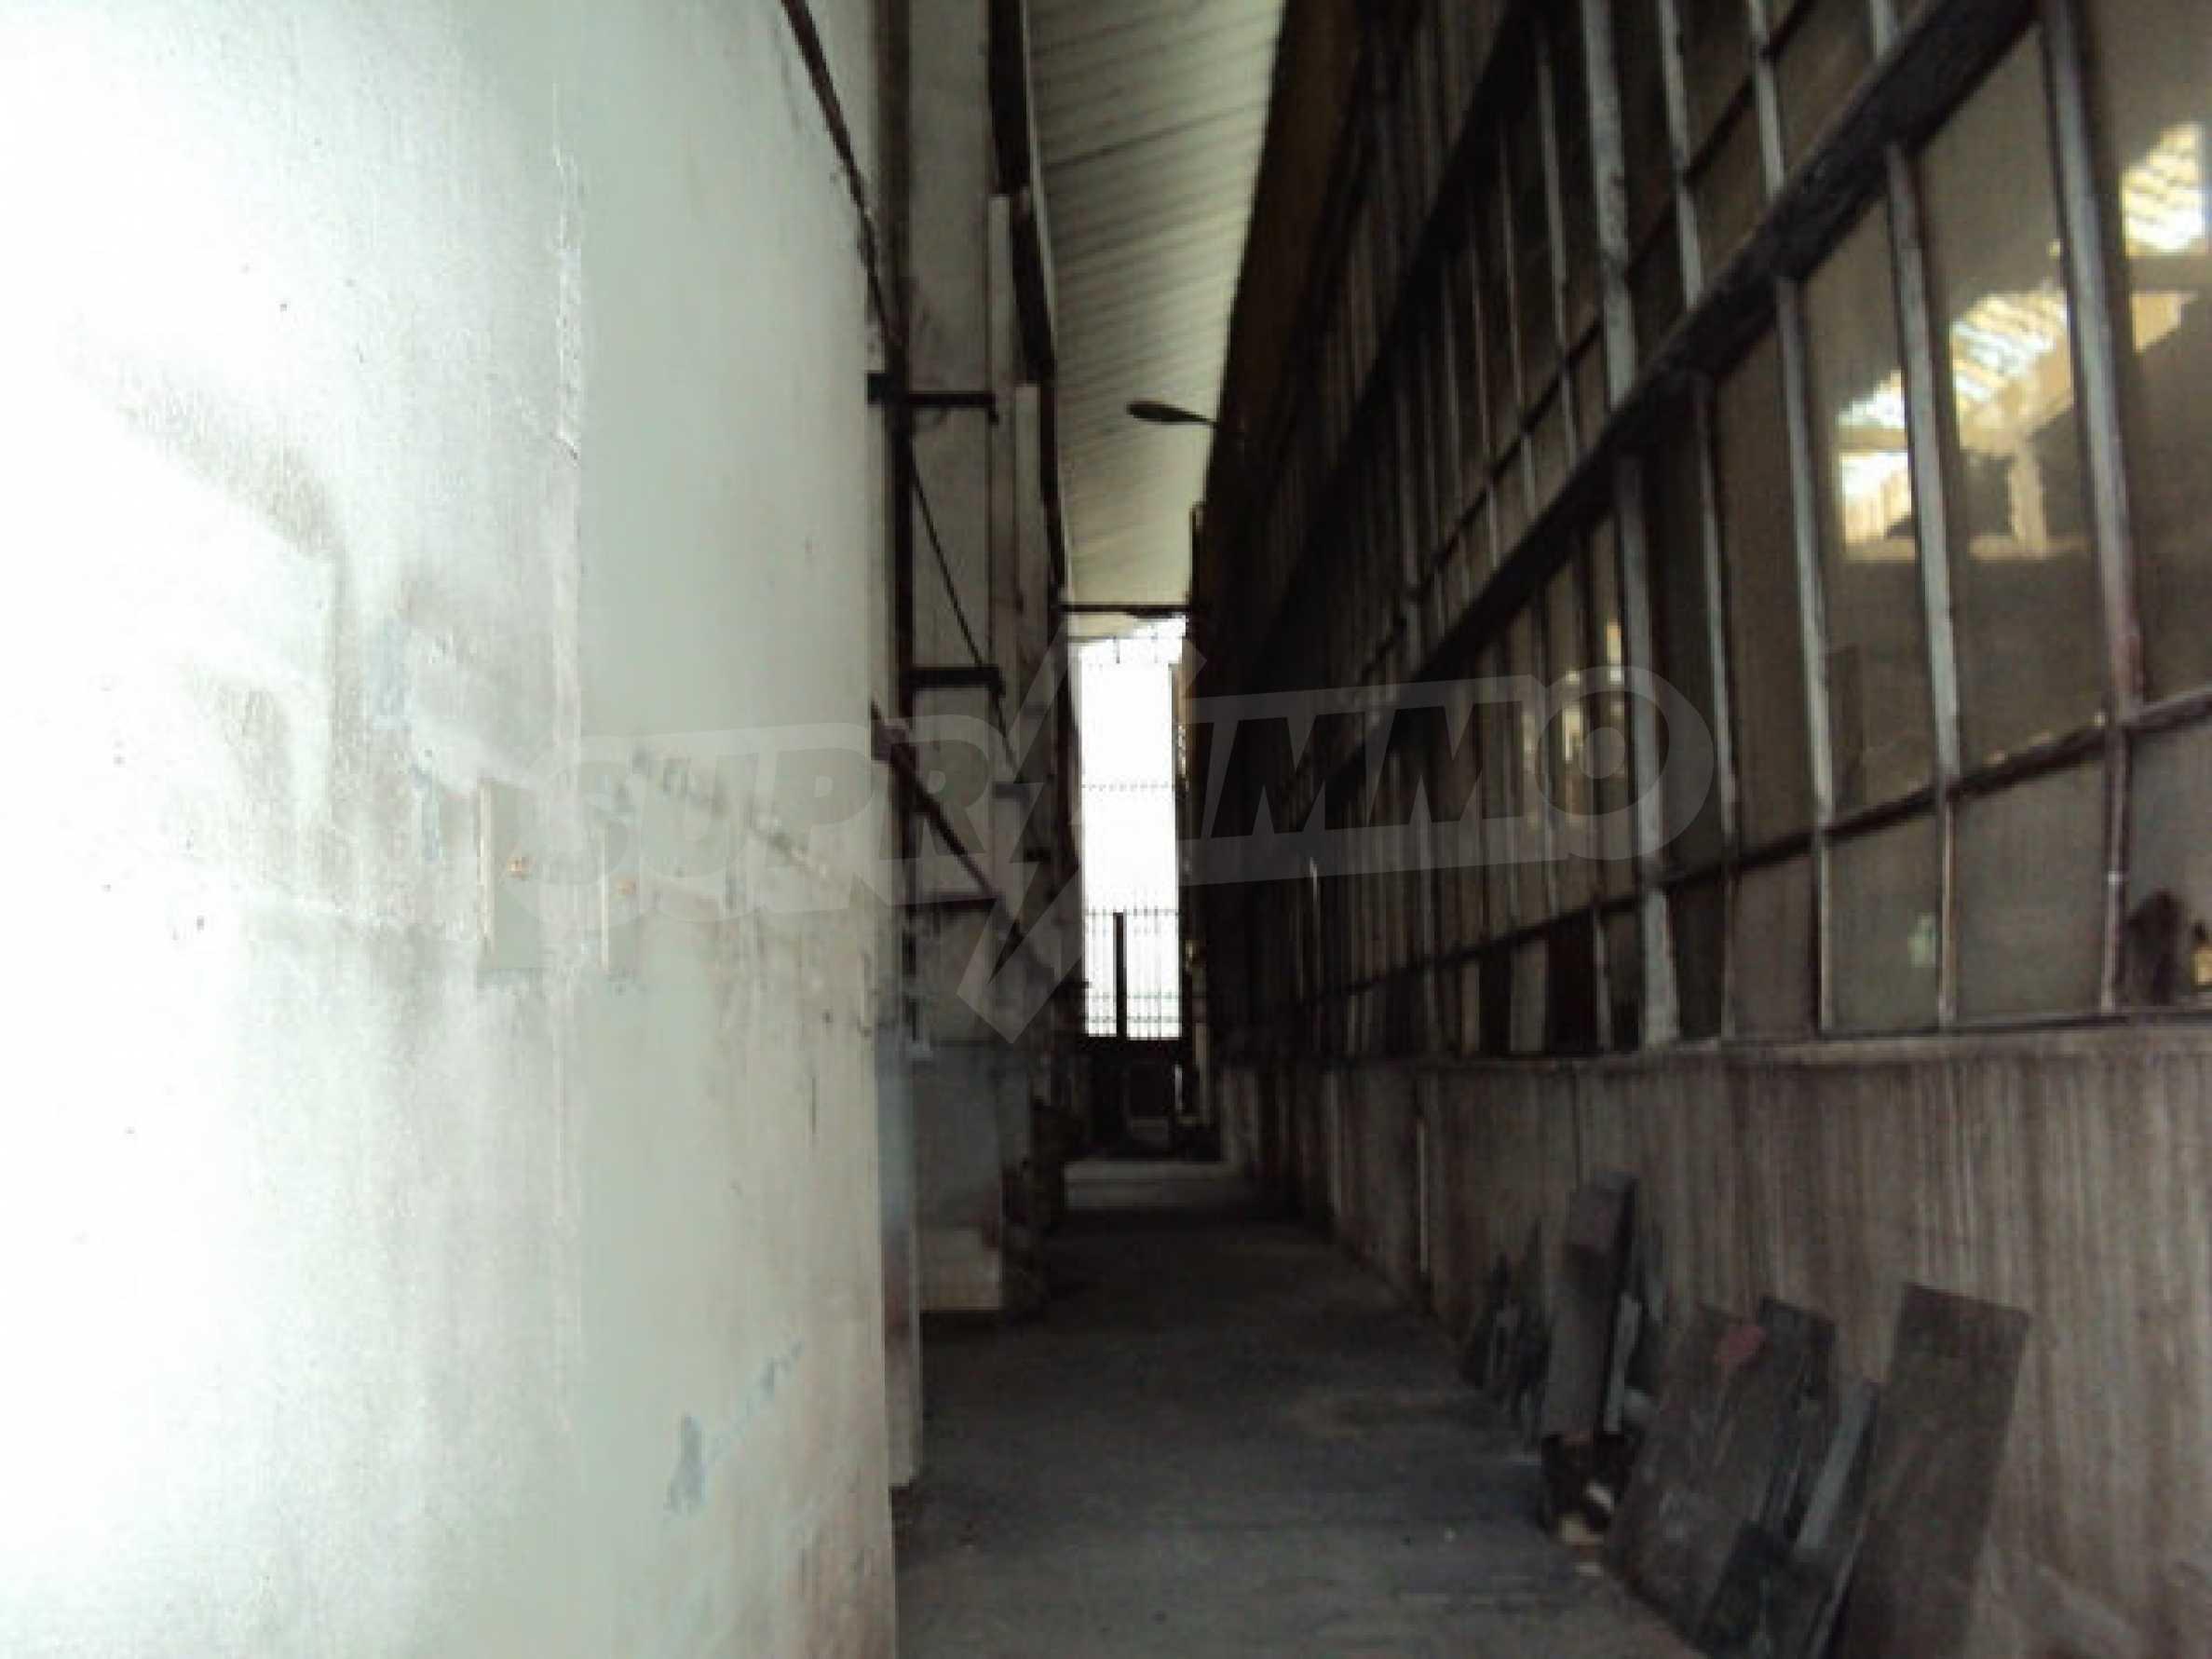 Factory for metal parts in Veliko Tarnovo 49